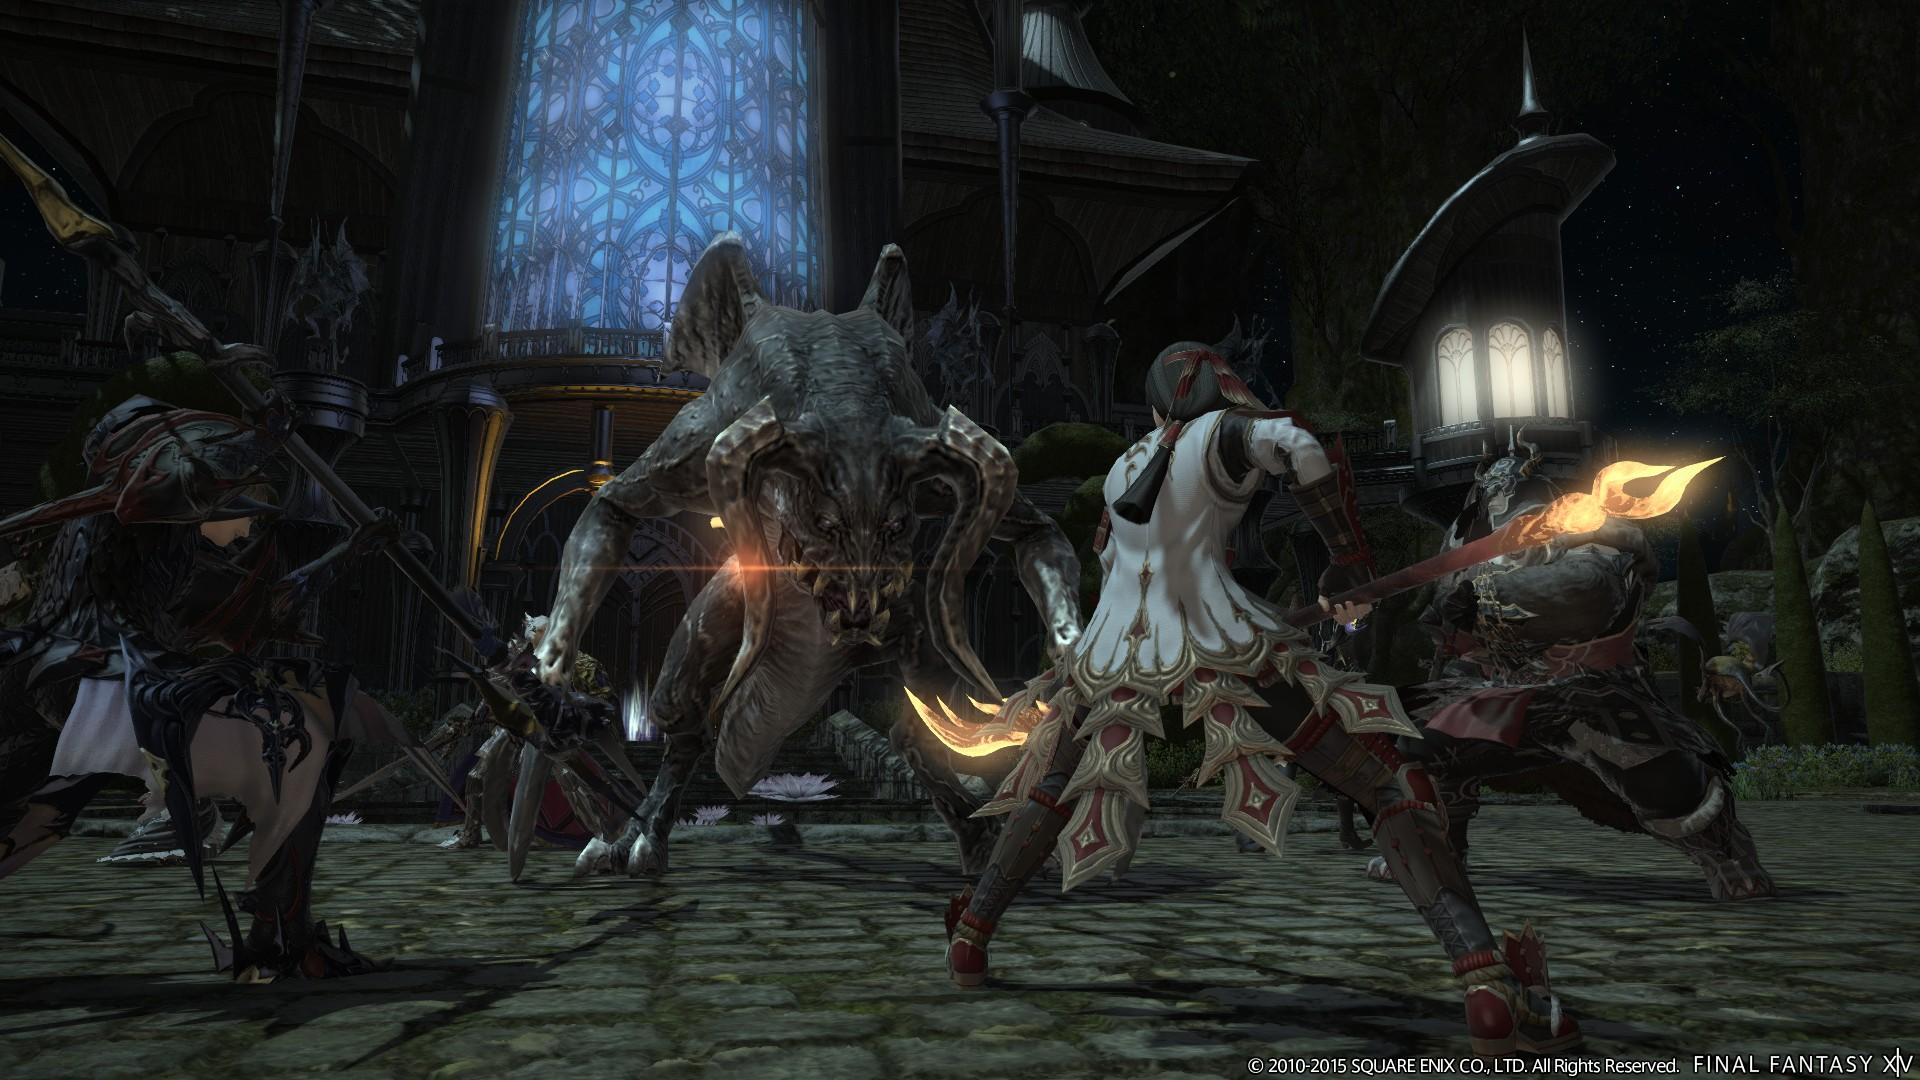 Final Fantasy Xiv Nimmt Abschied Vom älteren Bruder Ffxi Sieht